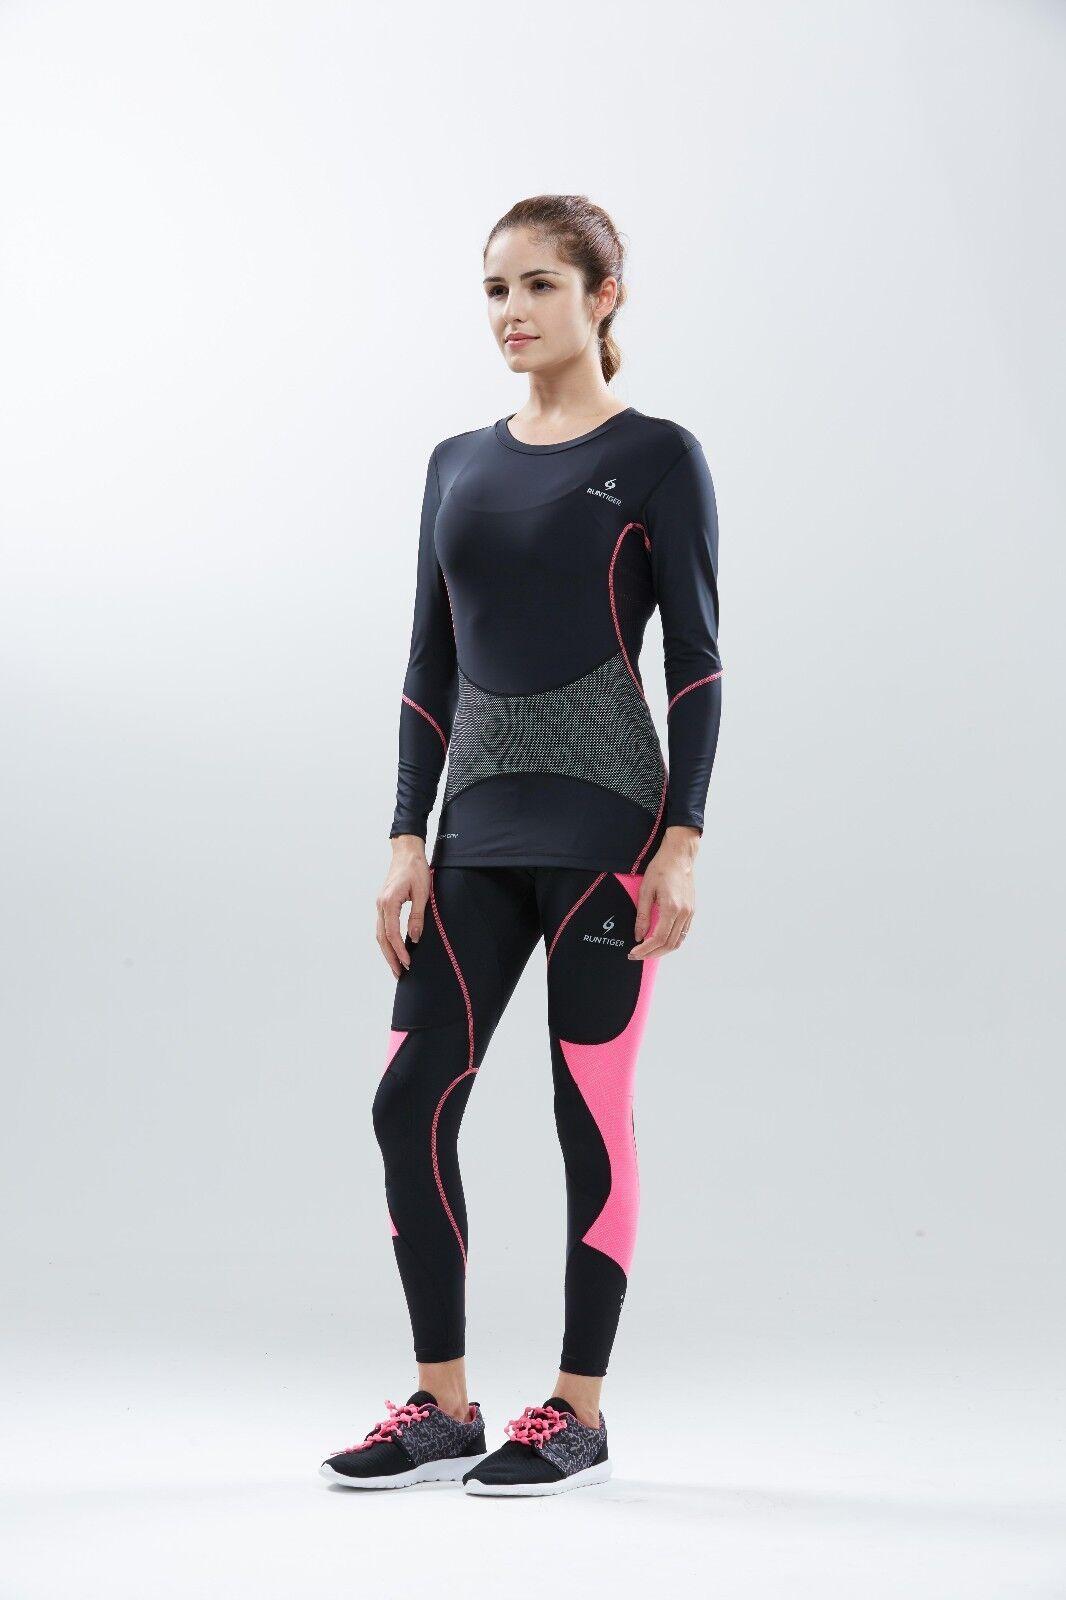 Super-Compression Tights Long für Frauen für Laufen, Radfahren, Pilates, Yoga, Fitnessraum